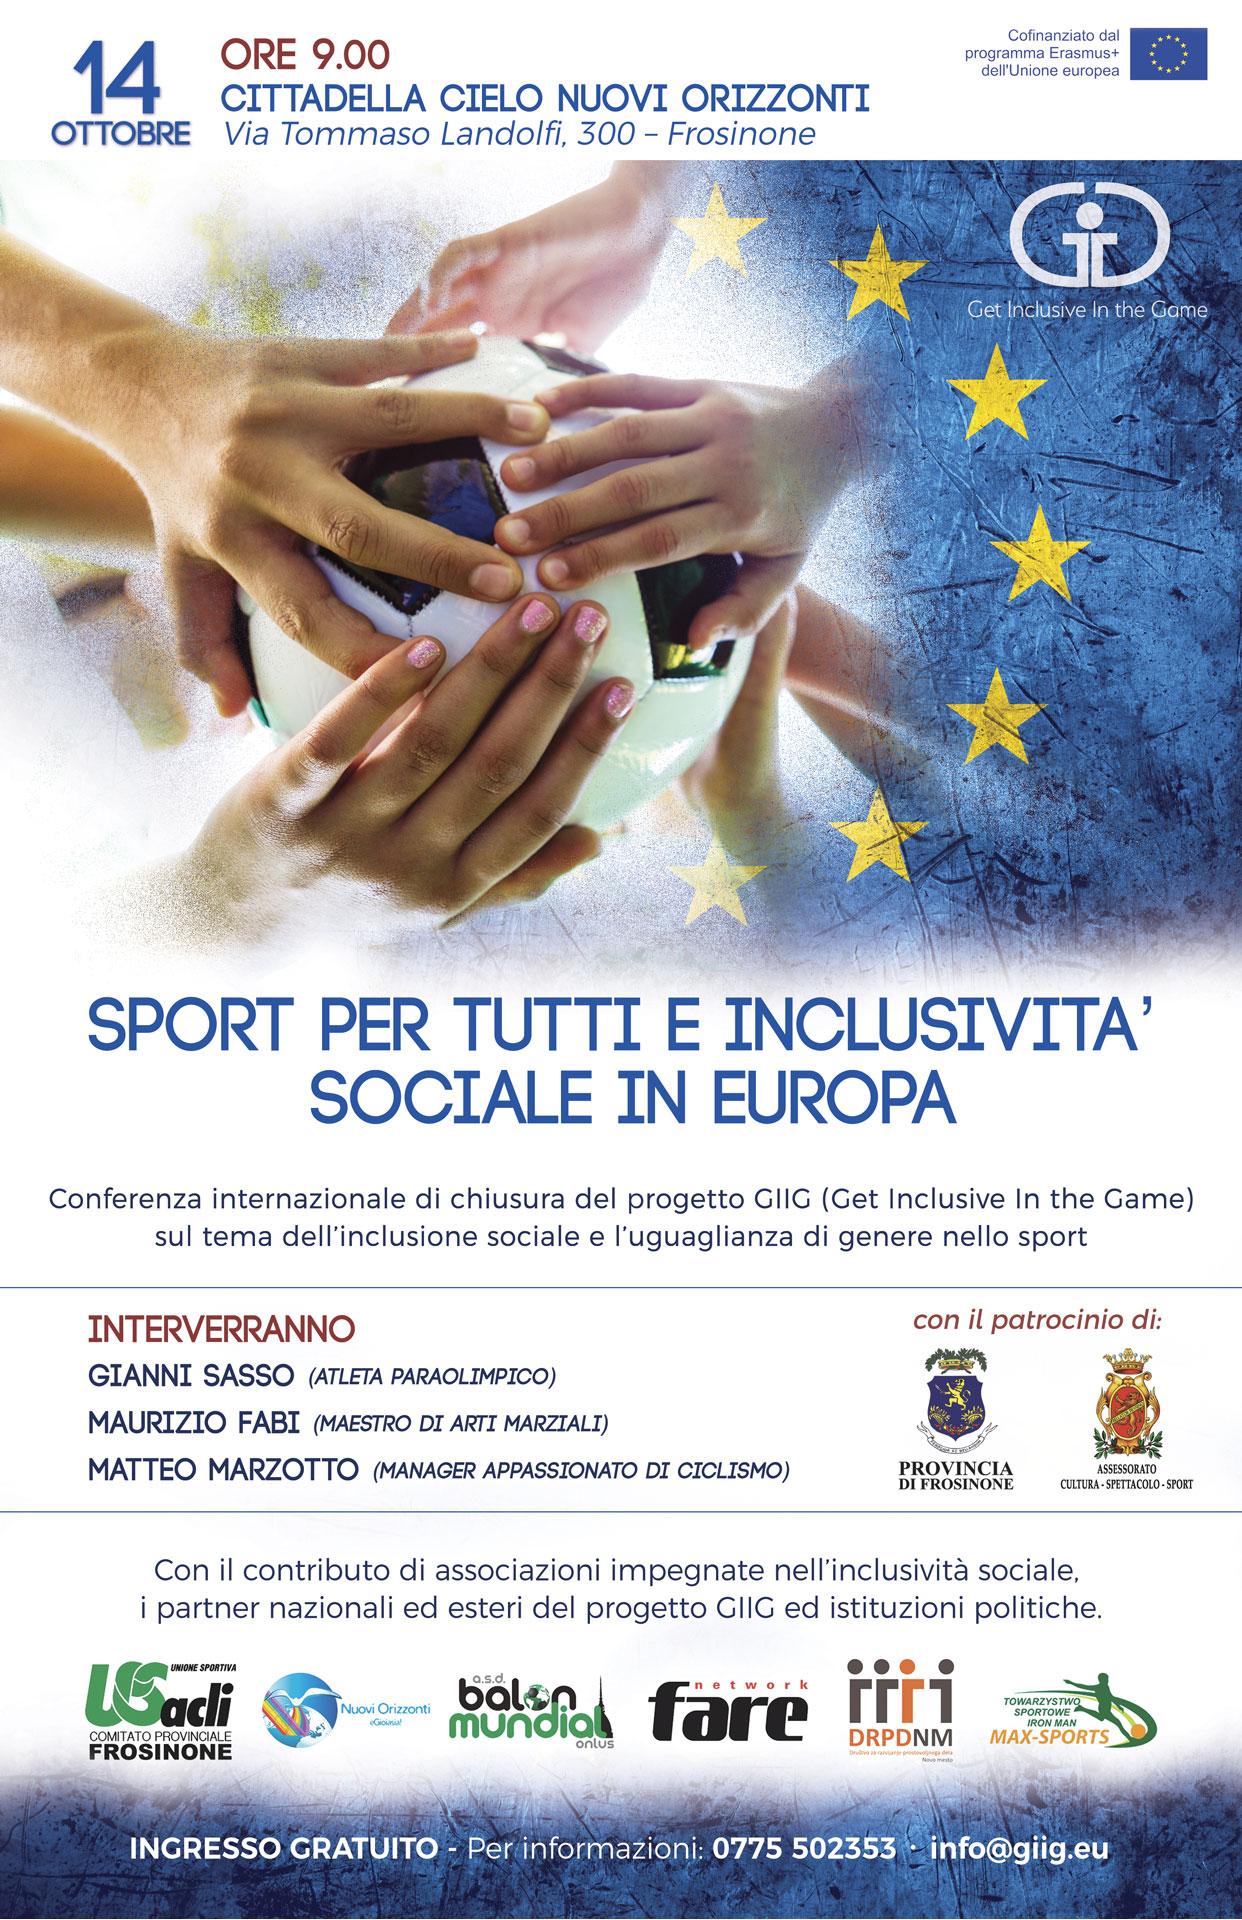 Sport per tutti e incisività sociale - Nuovi Orizzonti